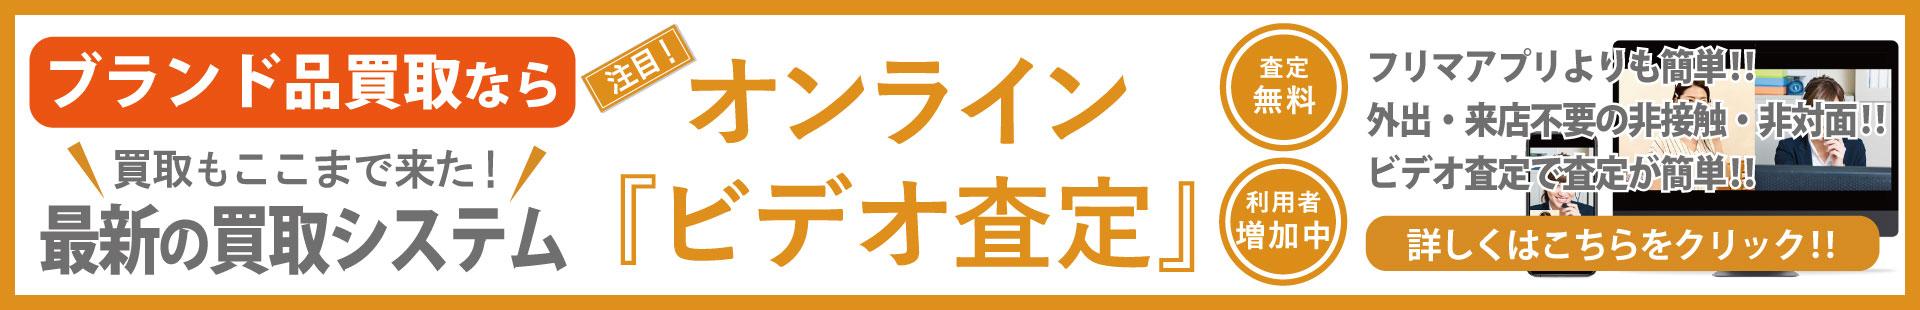 ビデオ査定ブランドバナー